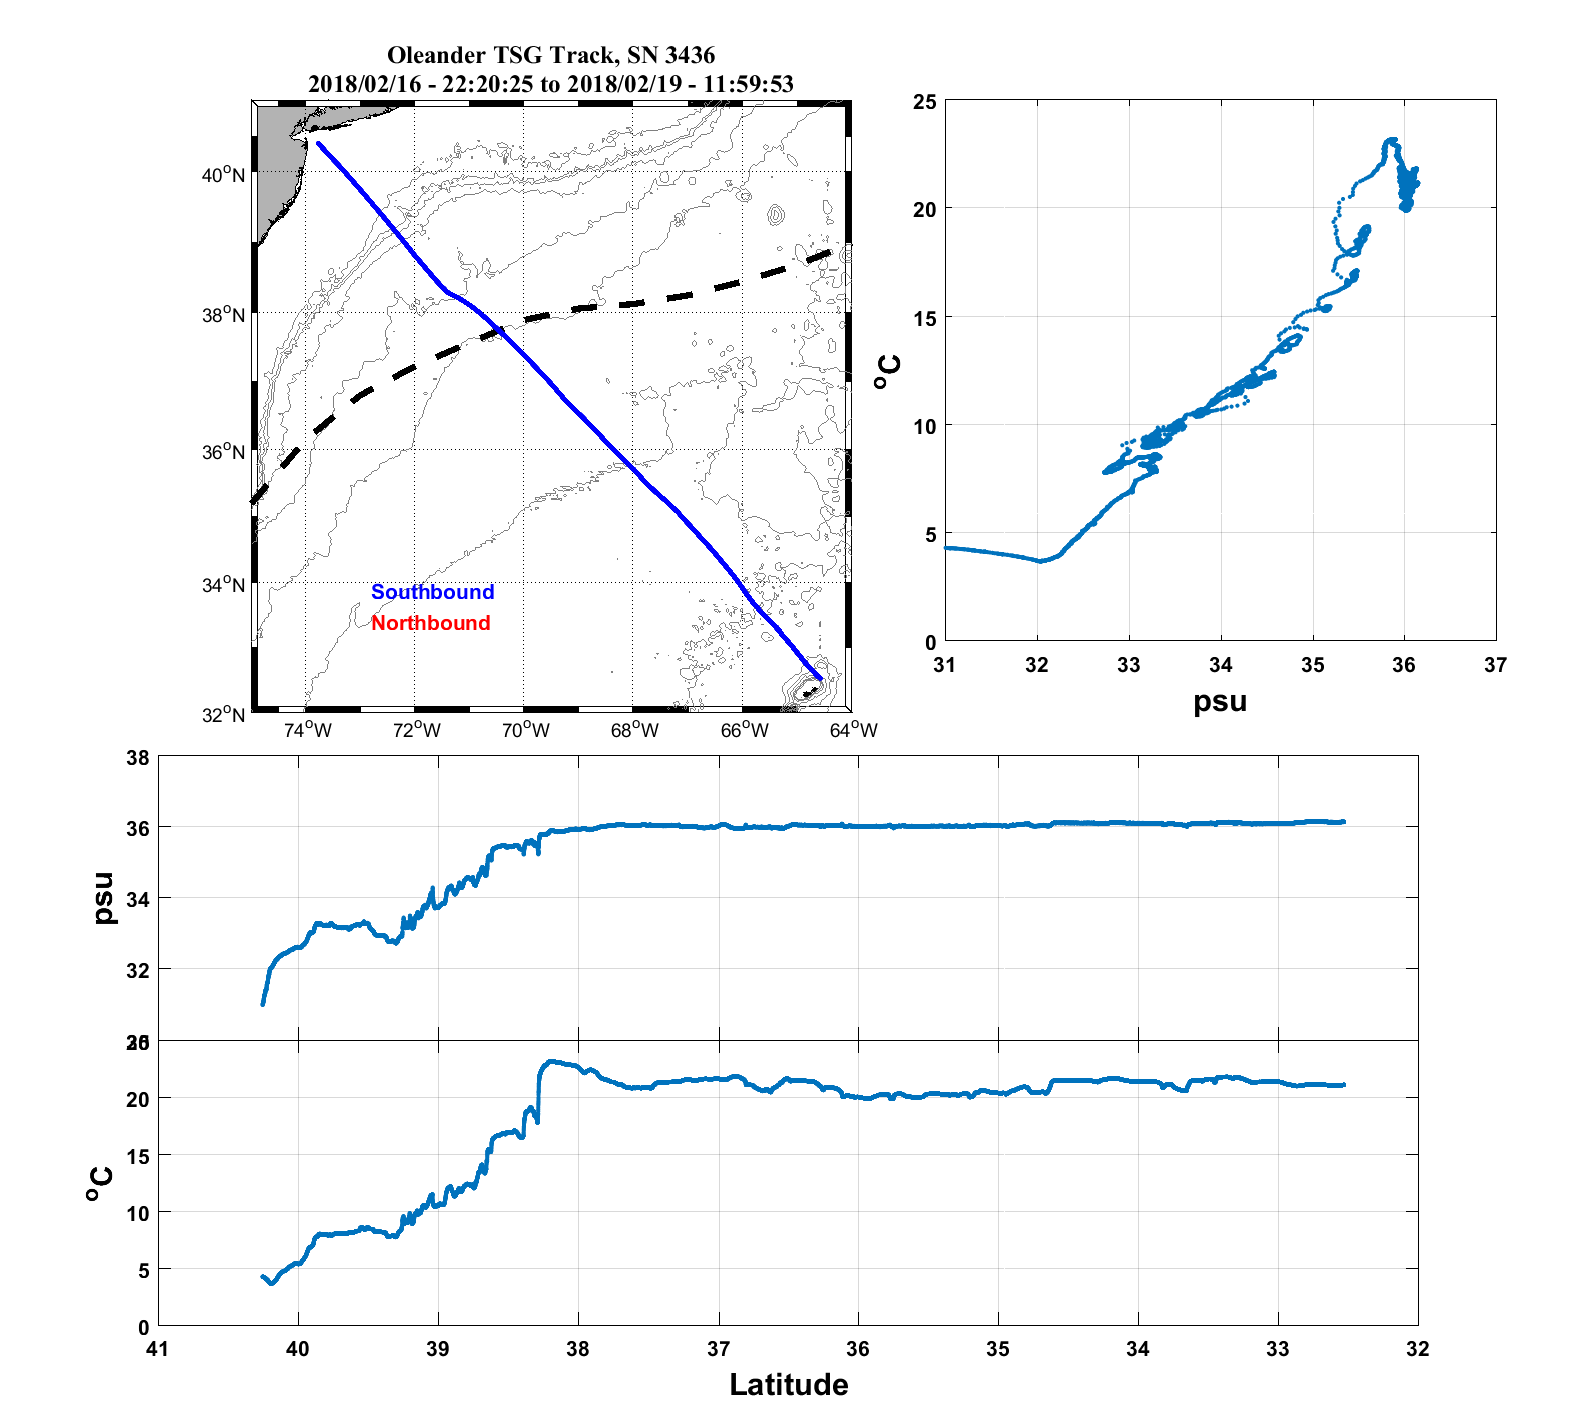 Oleander TSG Data